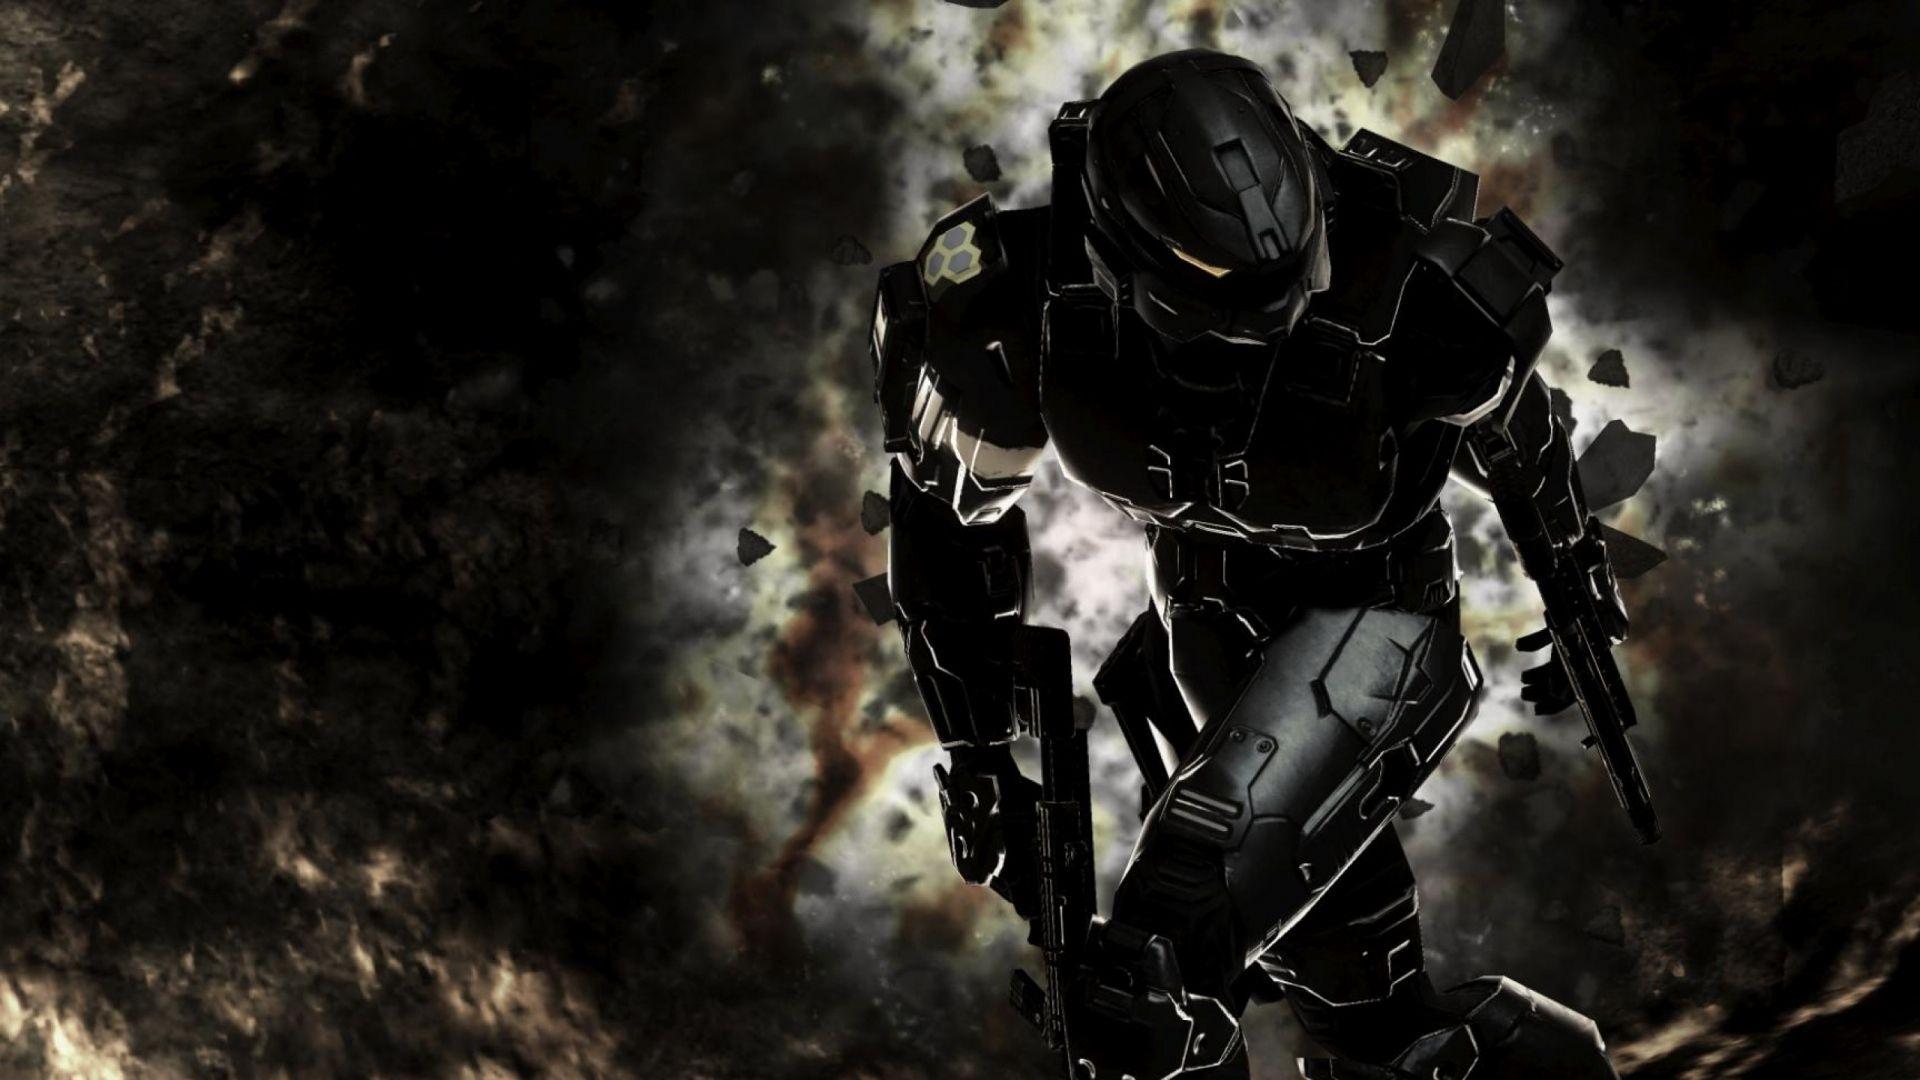 Halo Master Chief Spartan Halo Wallpaper